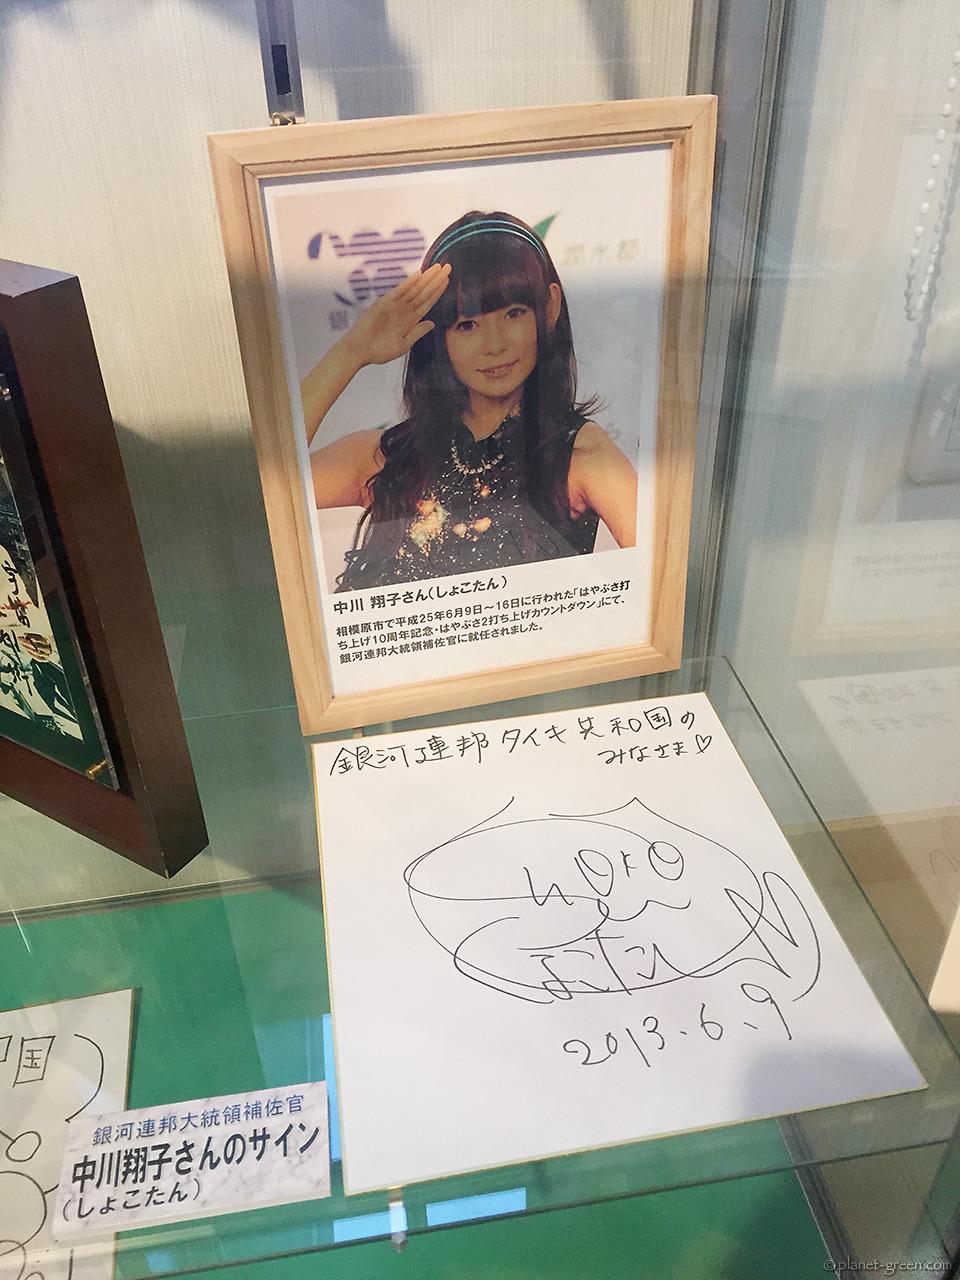 しょこたん(中川翔子さん)サイン